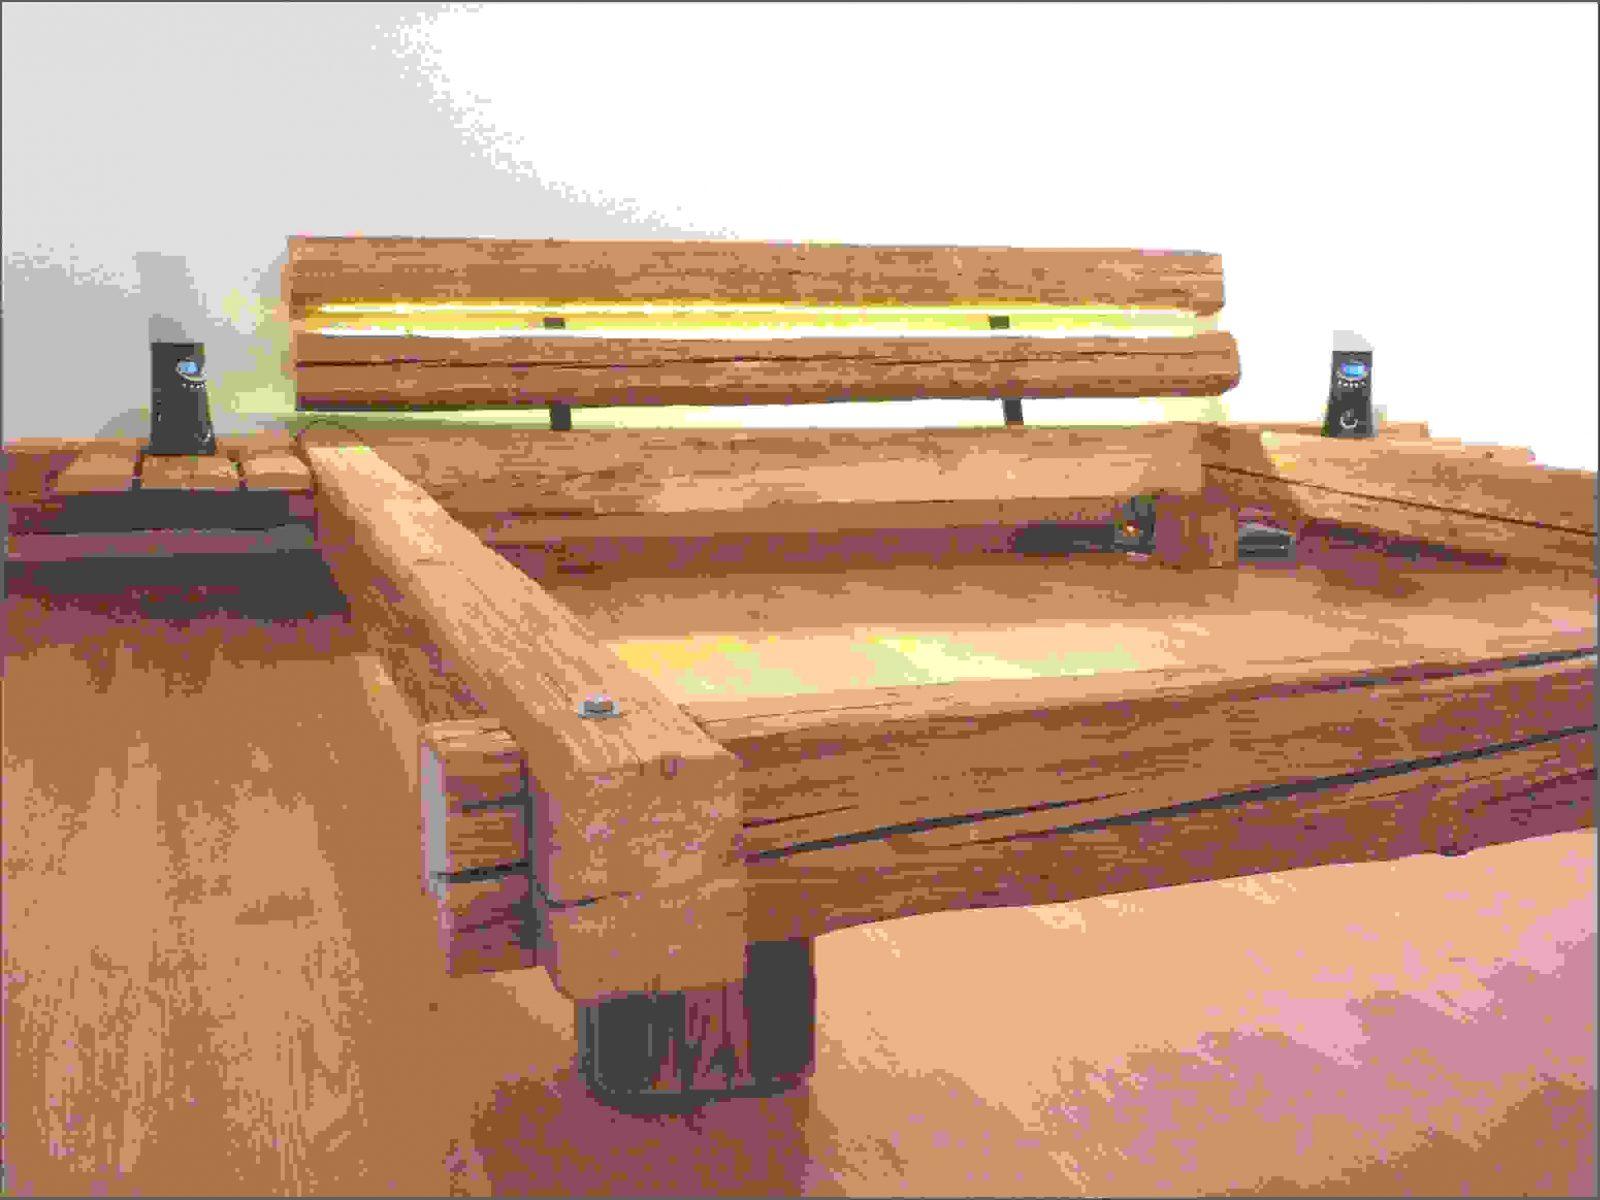 Luxus Bett Selber Bauen Anleitung In 75 Amazing 140—200 Hausdesign von Bett Selber Bauen Anleitung 180X200 Photo